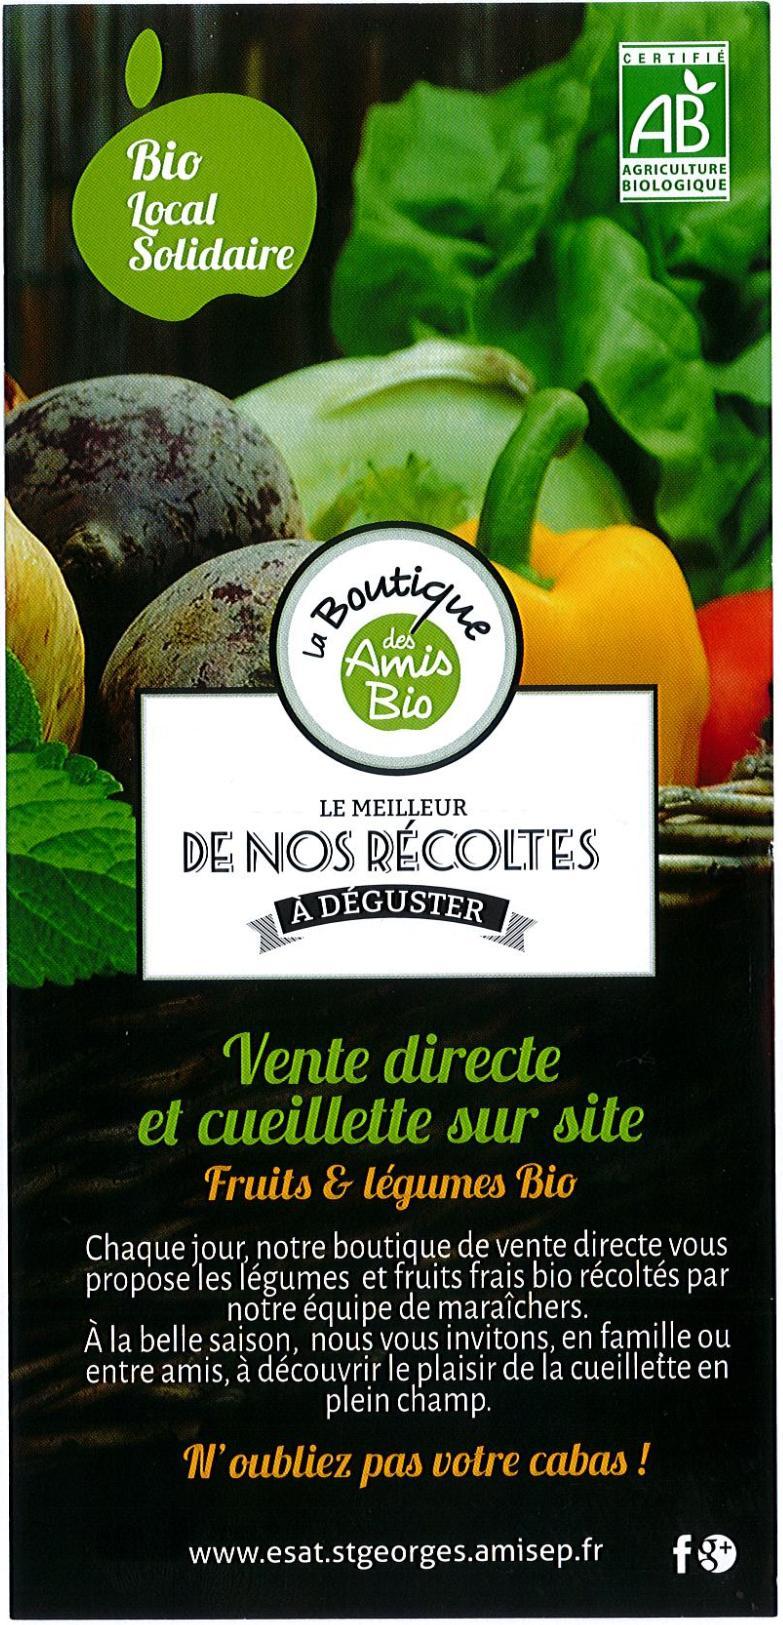 Cueillette sur site fruits et légumes bio Crach, Morbihan